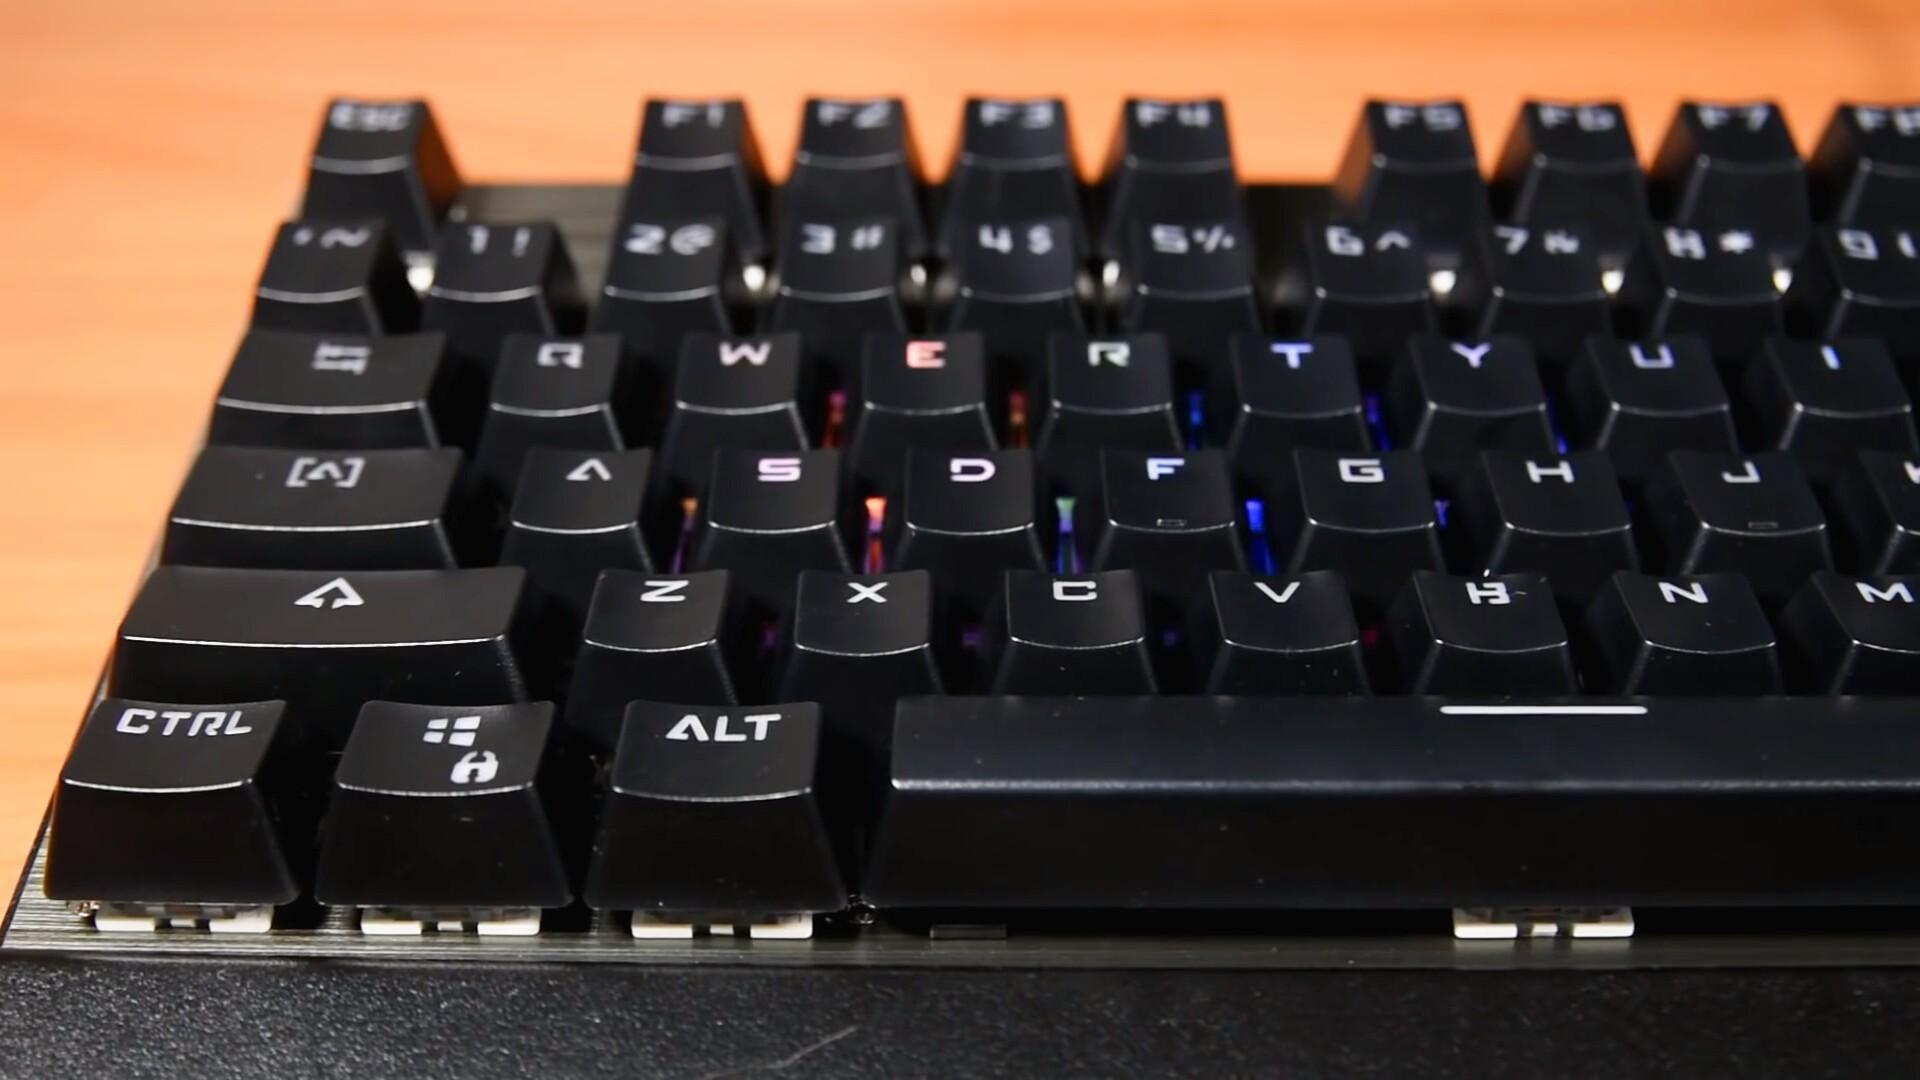 motospeed-teclado-mecanico-unboxing-2